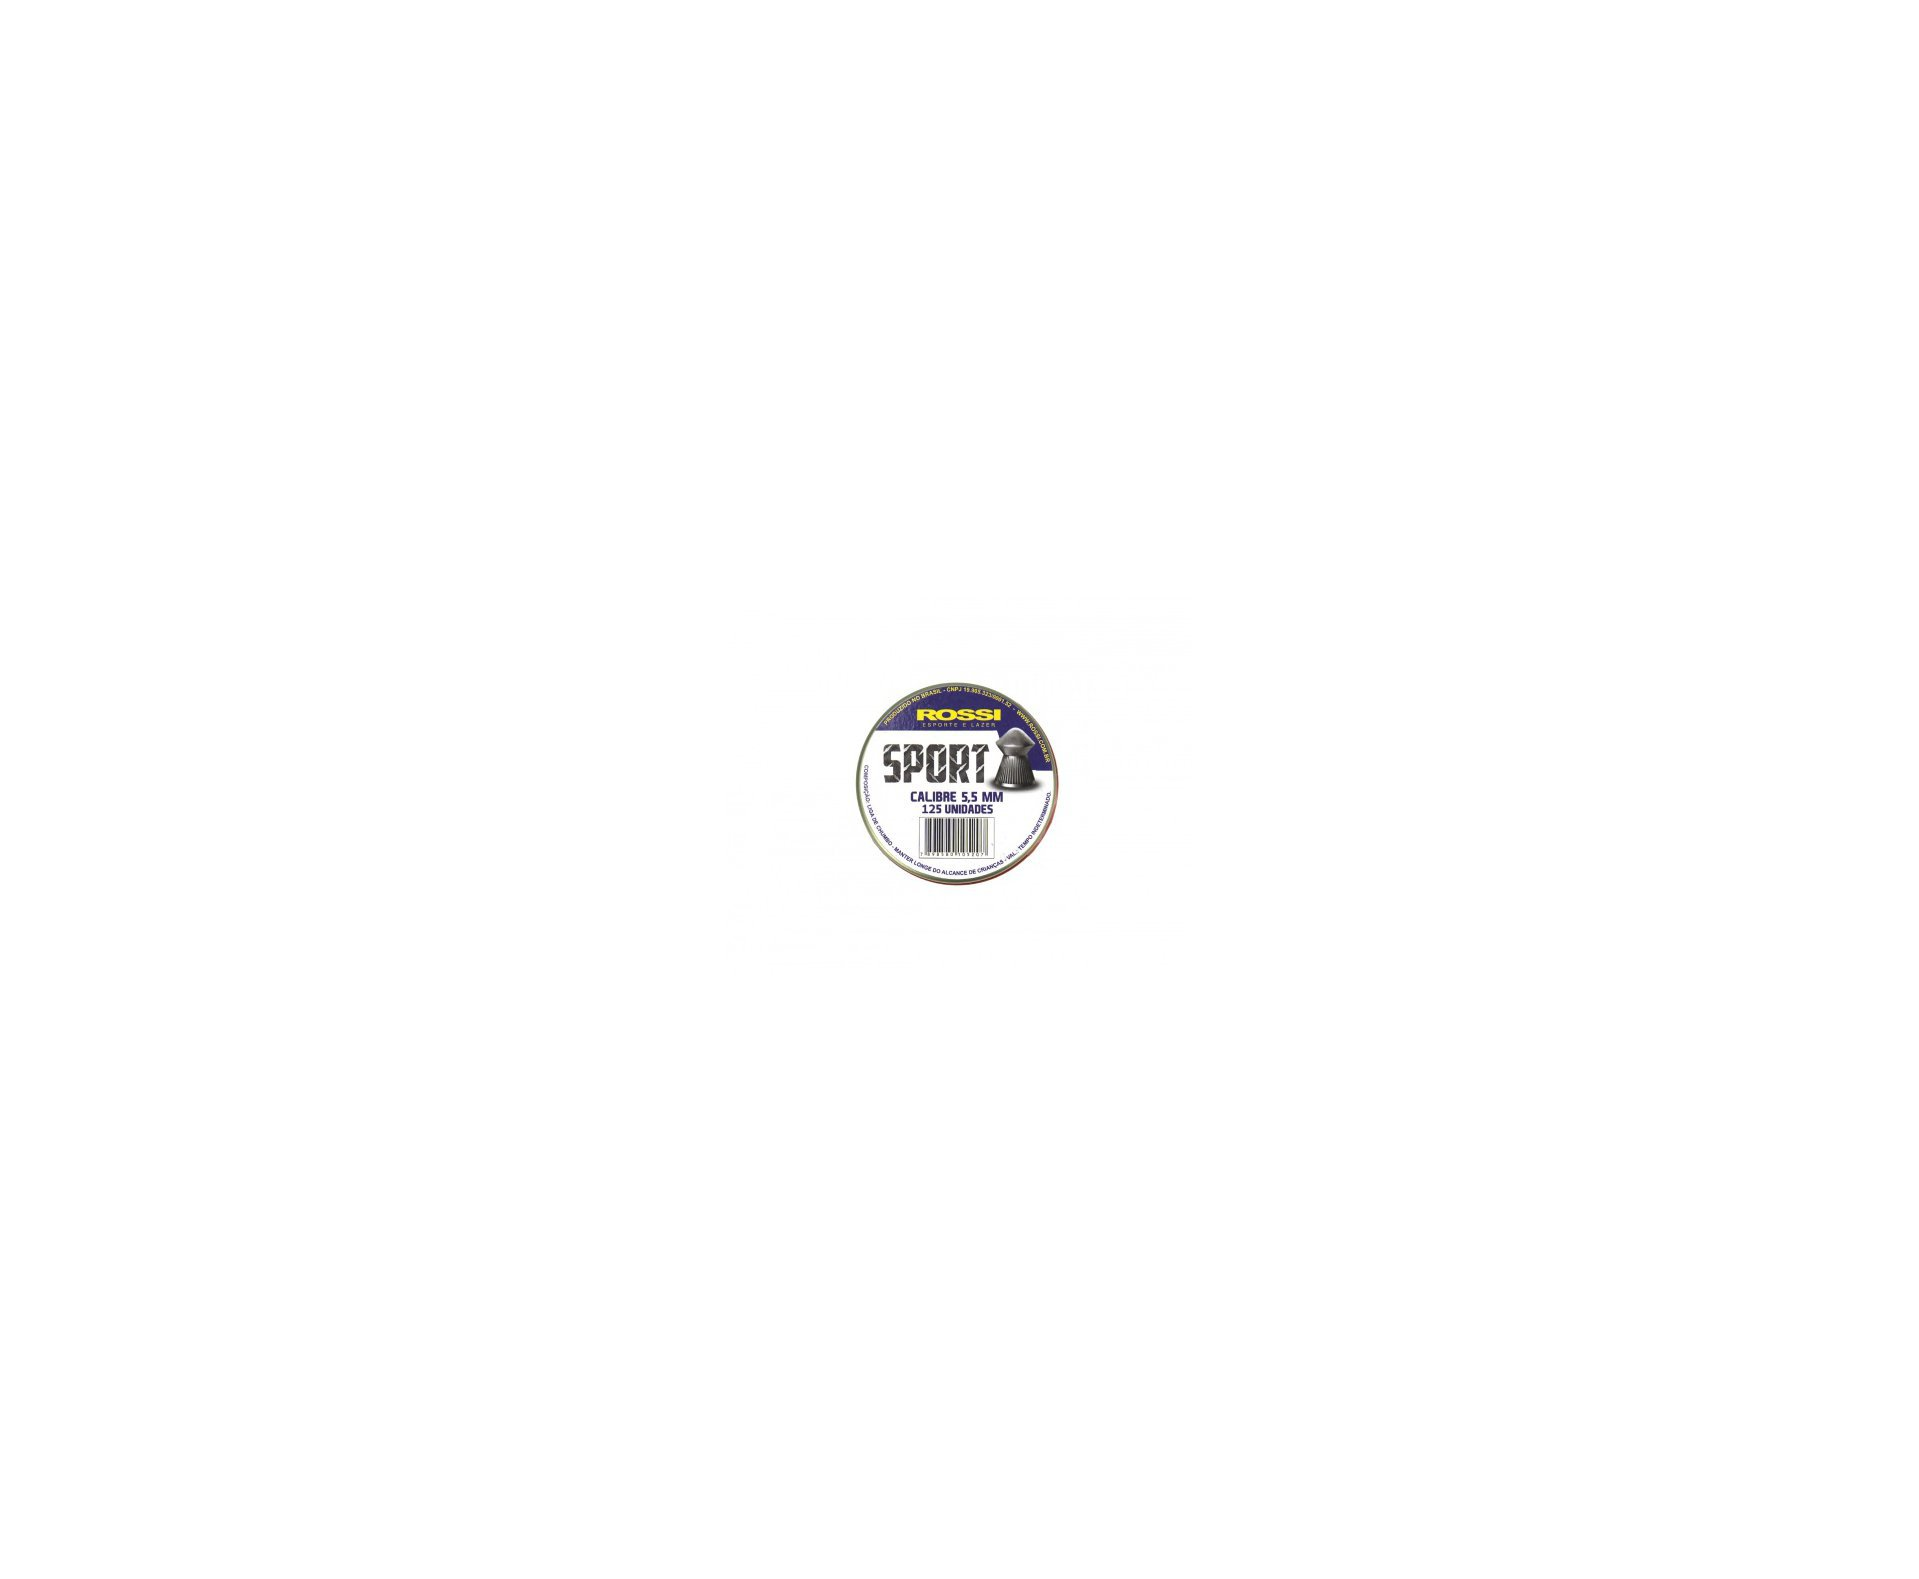 Carabina De Pressão Spring Madeira Cal 5,5mm + Capa + 10 Lata Chumbinho - Fixxar